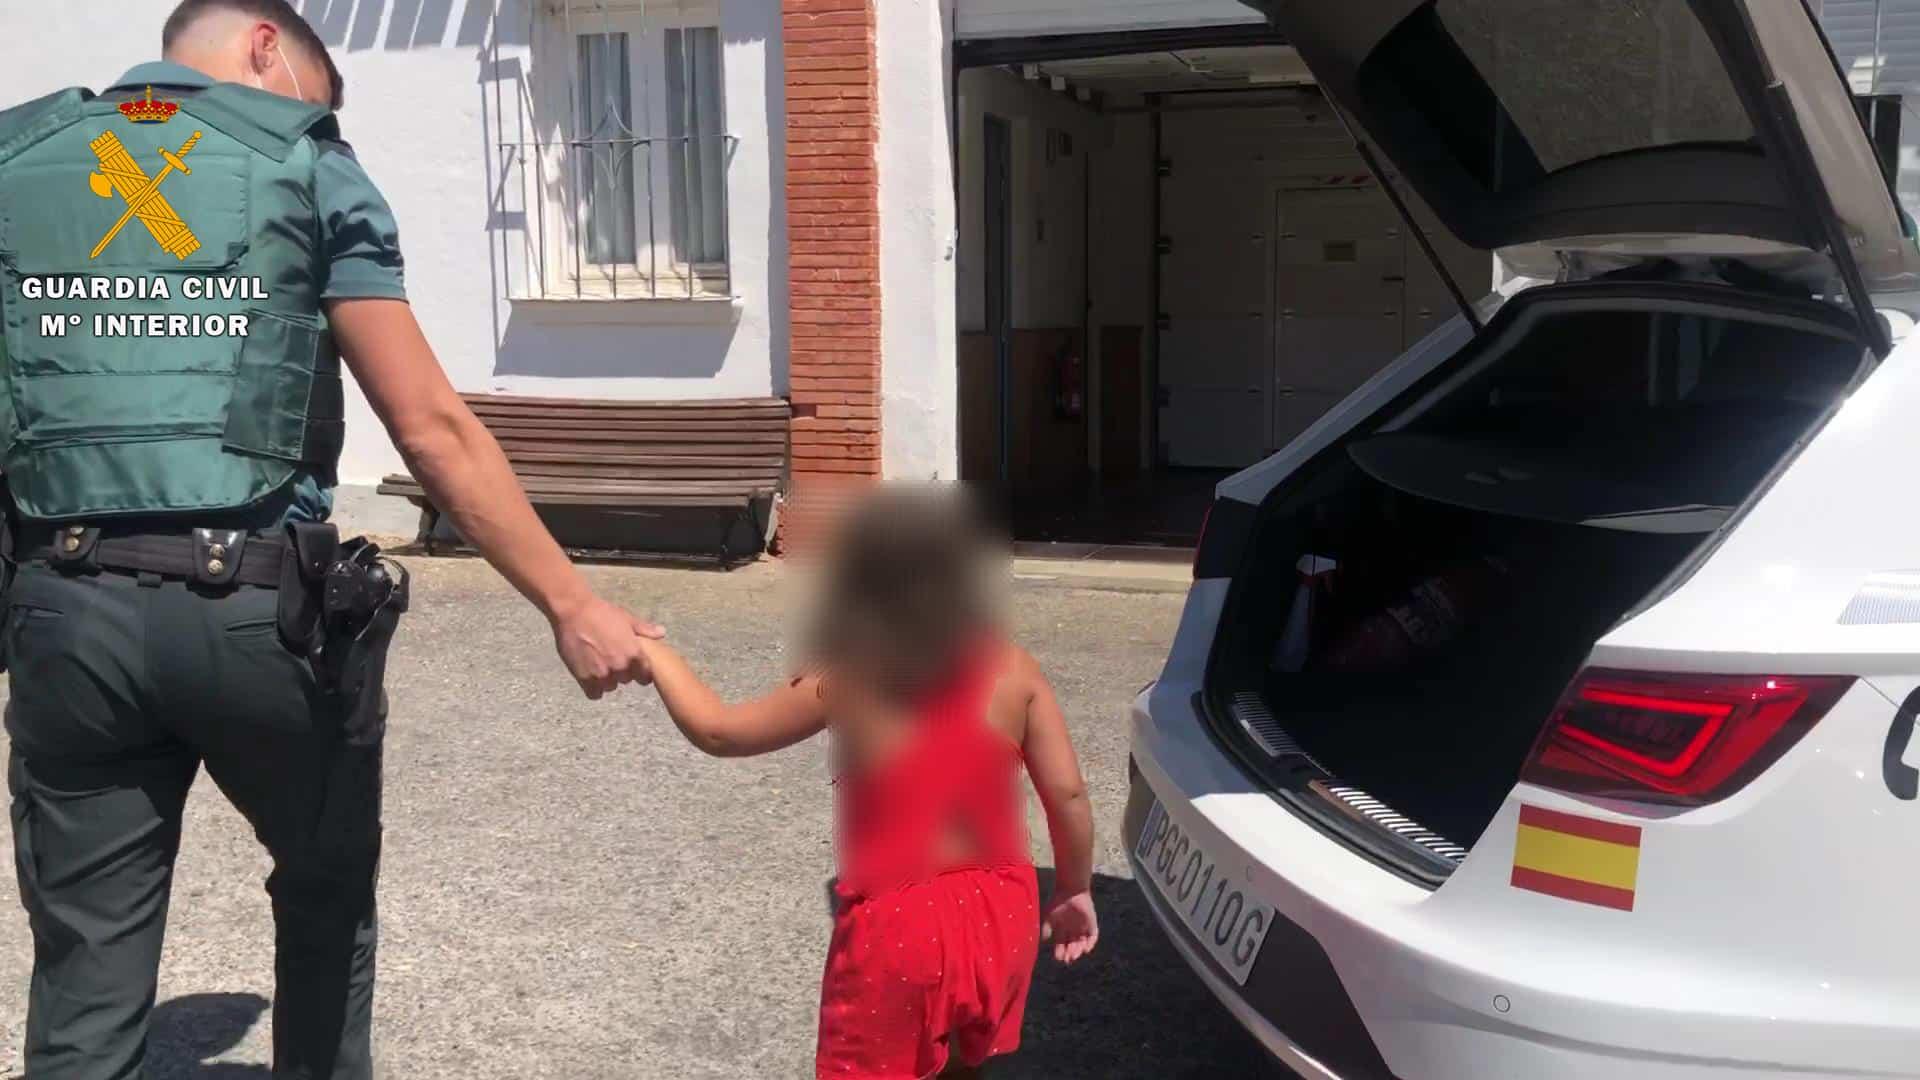 La Guardia Civil auxilia a una niña de 7 años, abandonada en plena N-111 a su paso por La Rioja 1